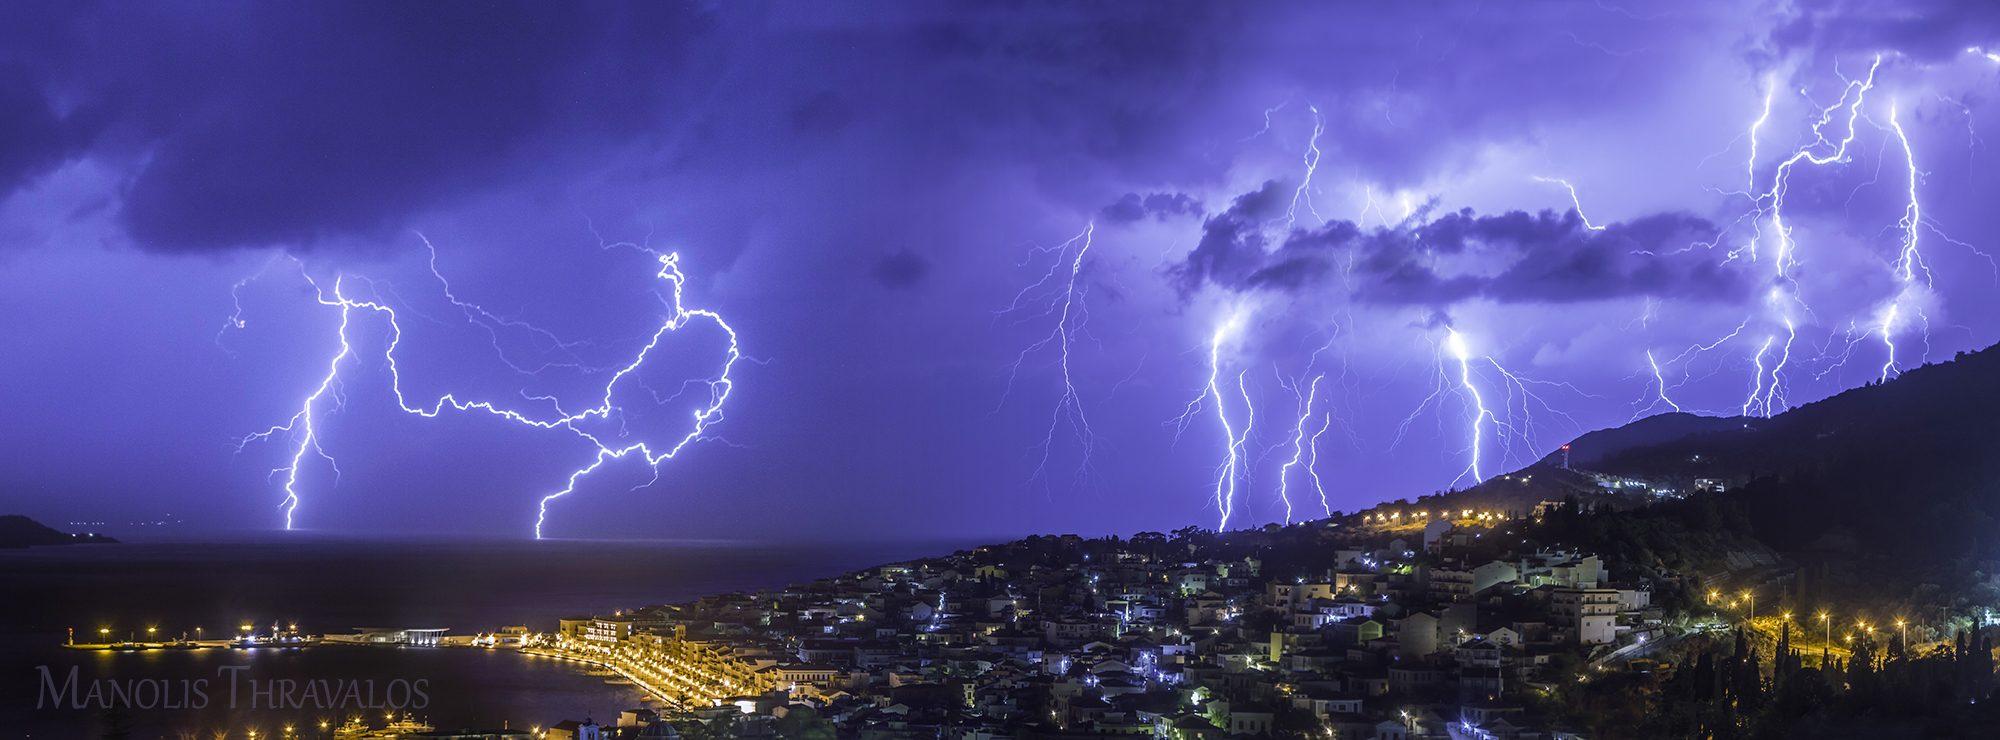 Καταιγίδα - Πανόραμα πάνω από την πόλη της Σάμου